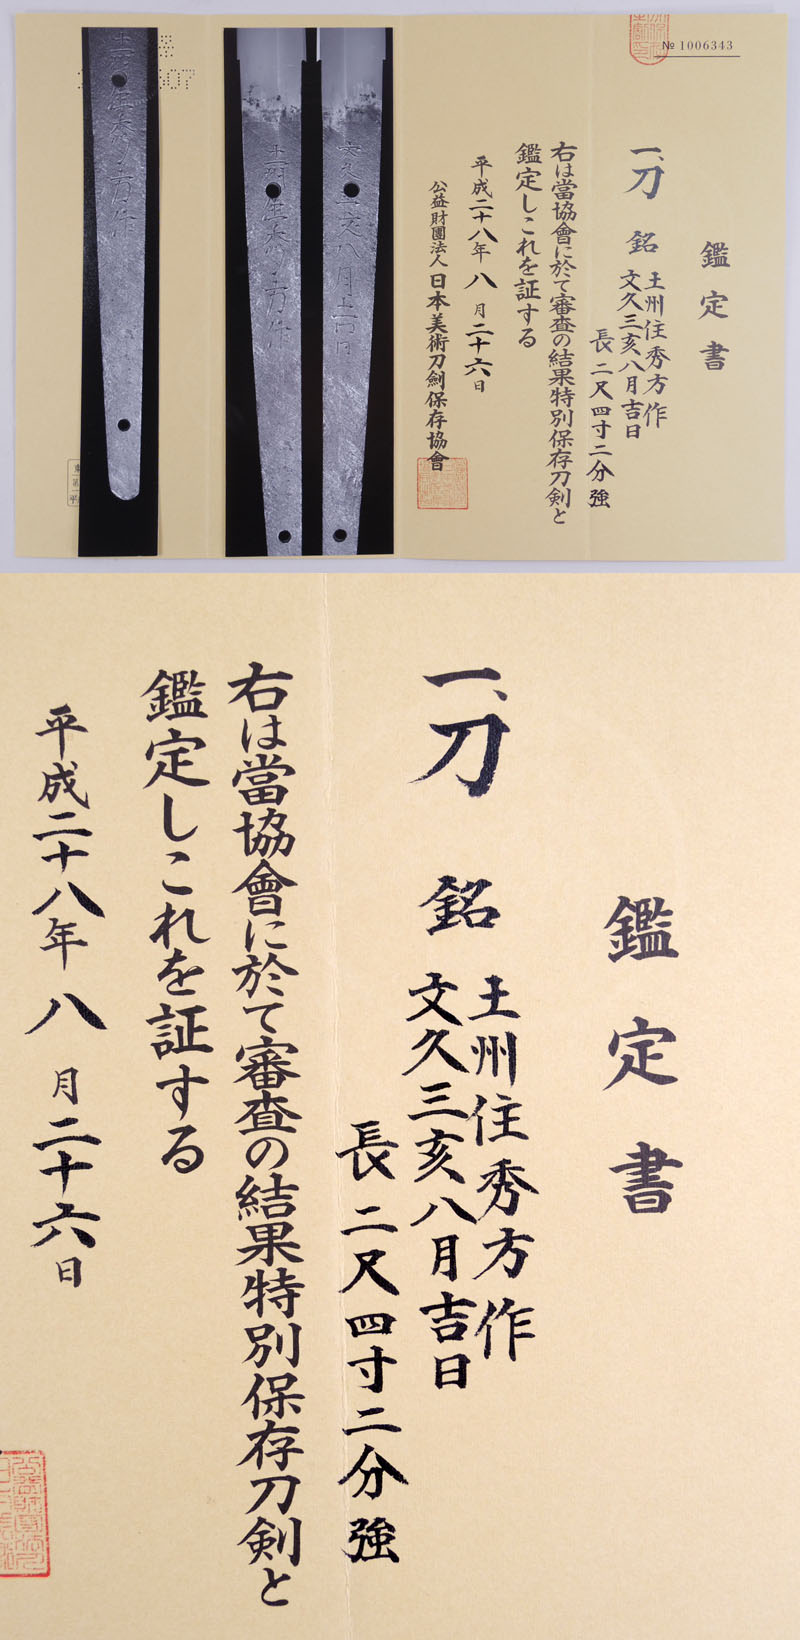 土州住秀方作 (左行秀門人) Picture of Certificate